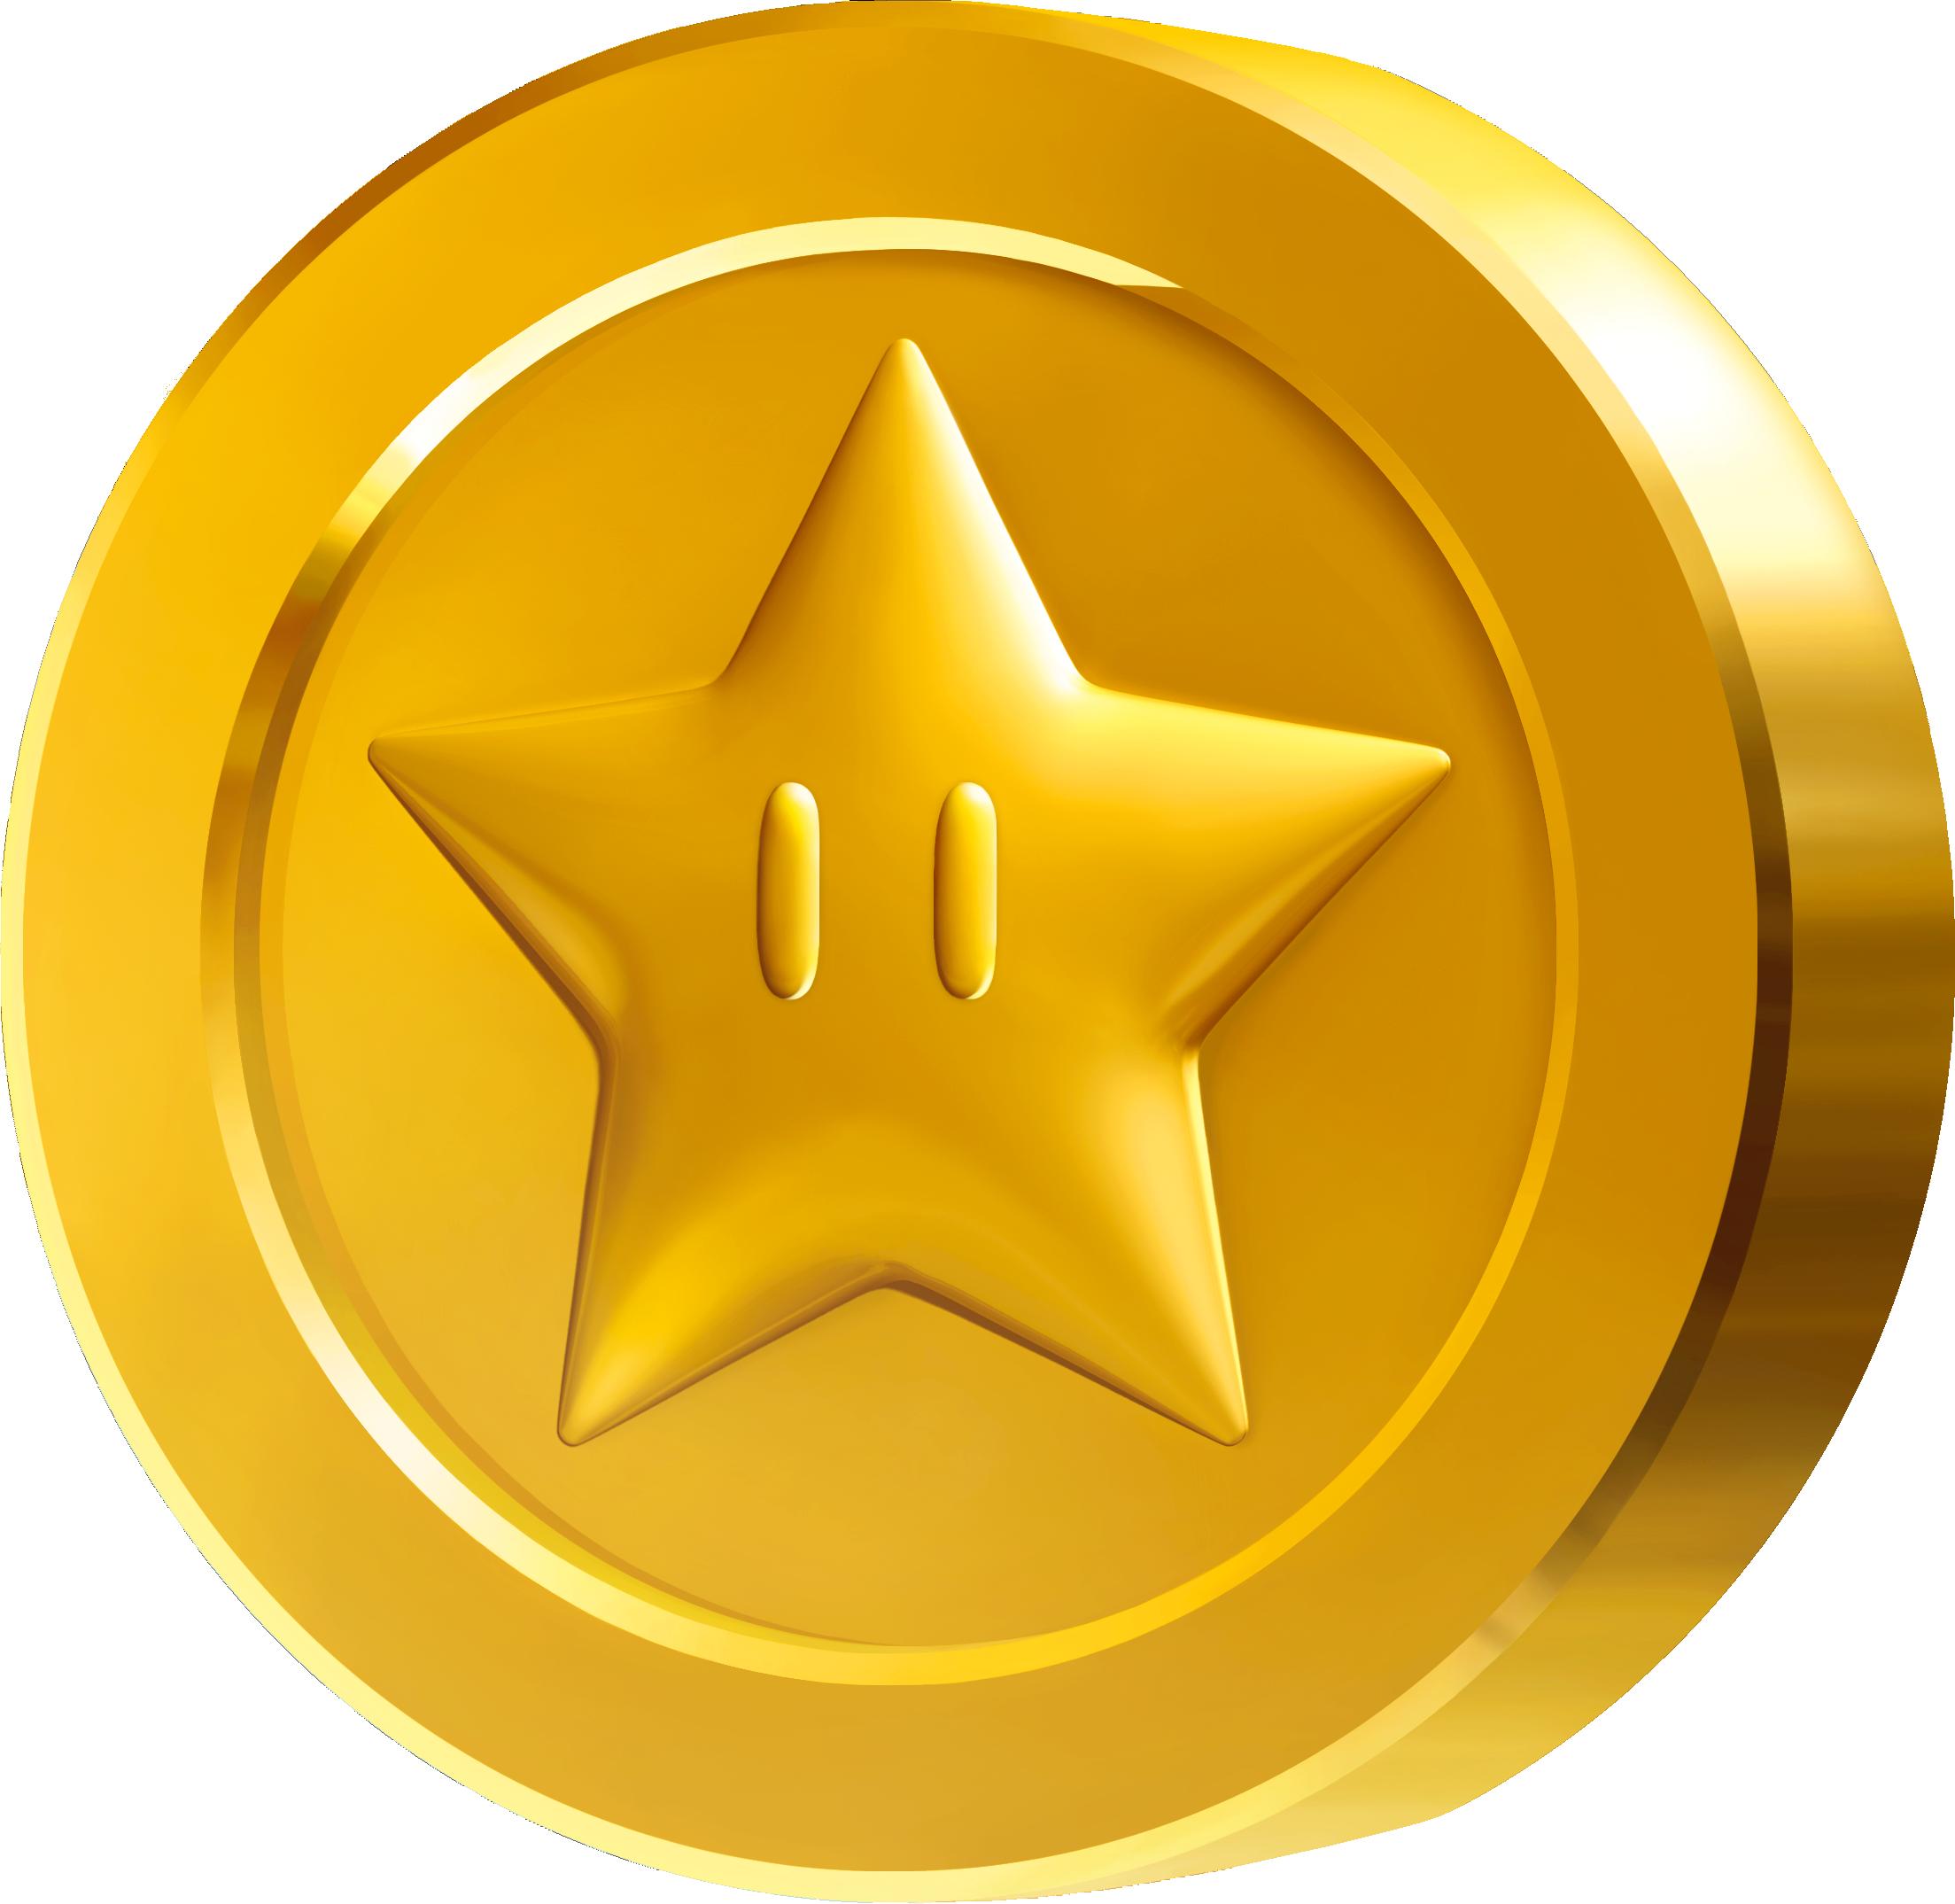 Mario Coins Wallpaper Mario Coins